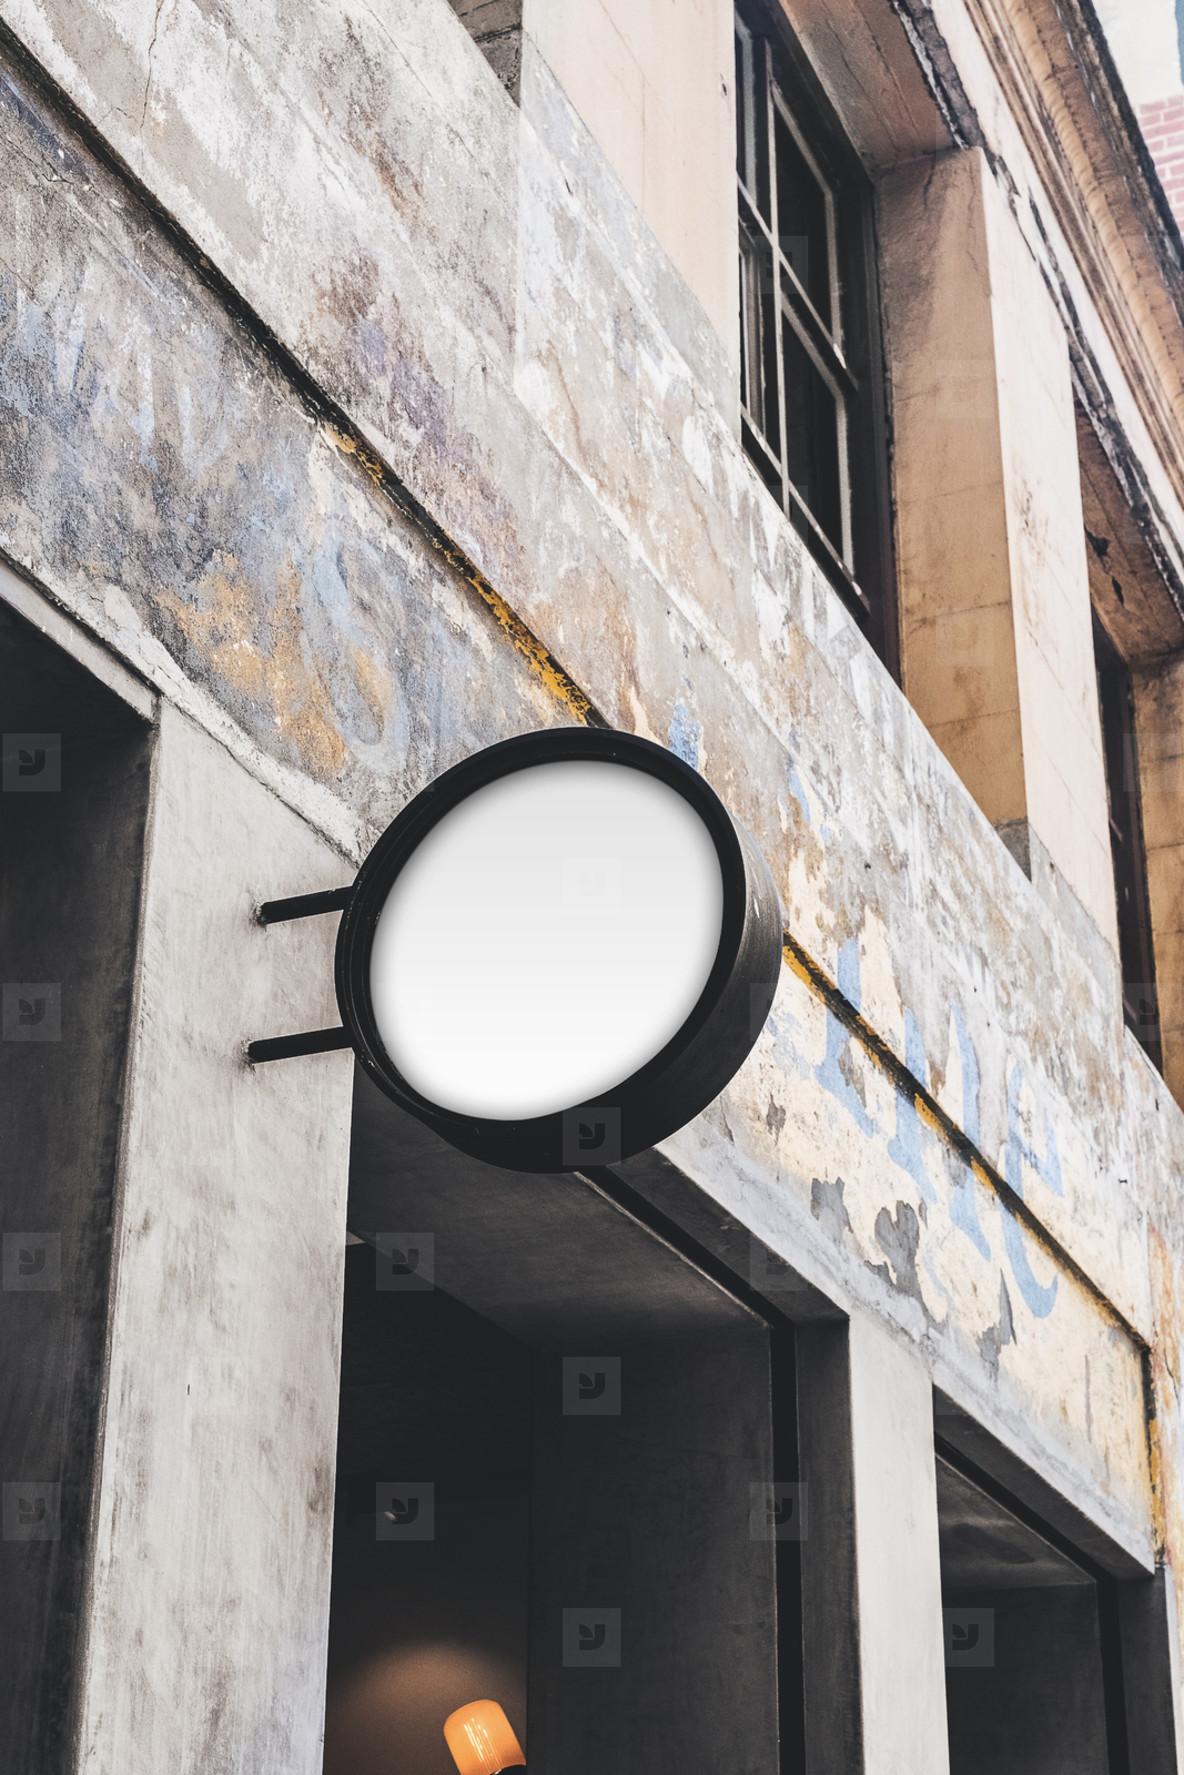 cafe signage mockup